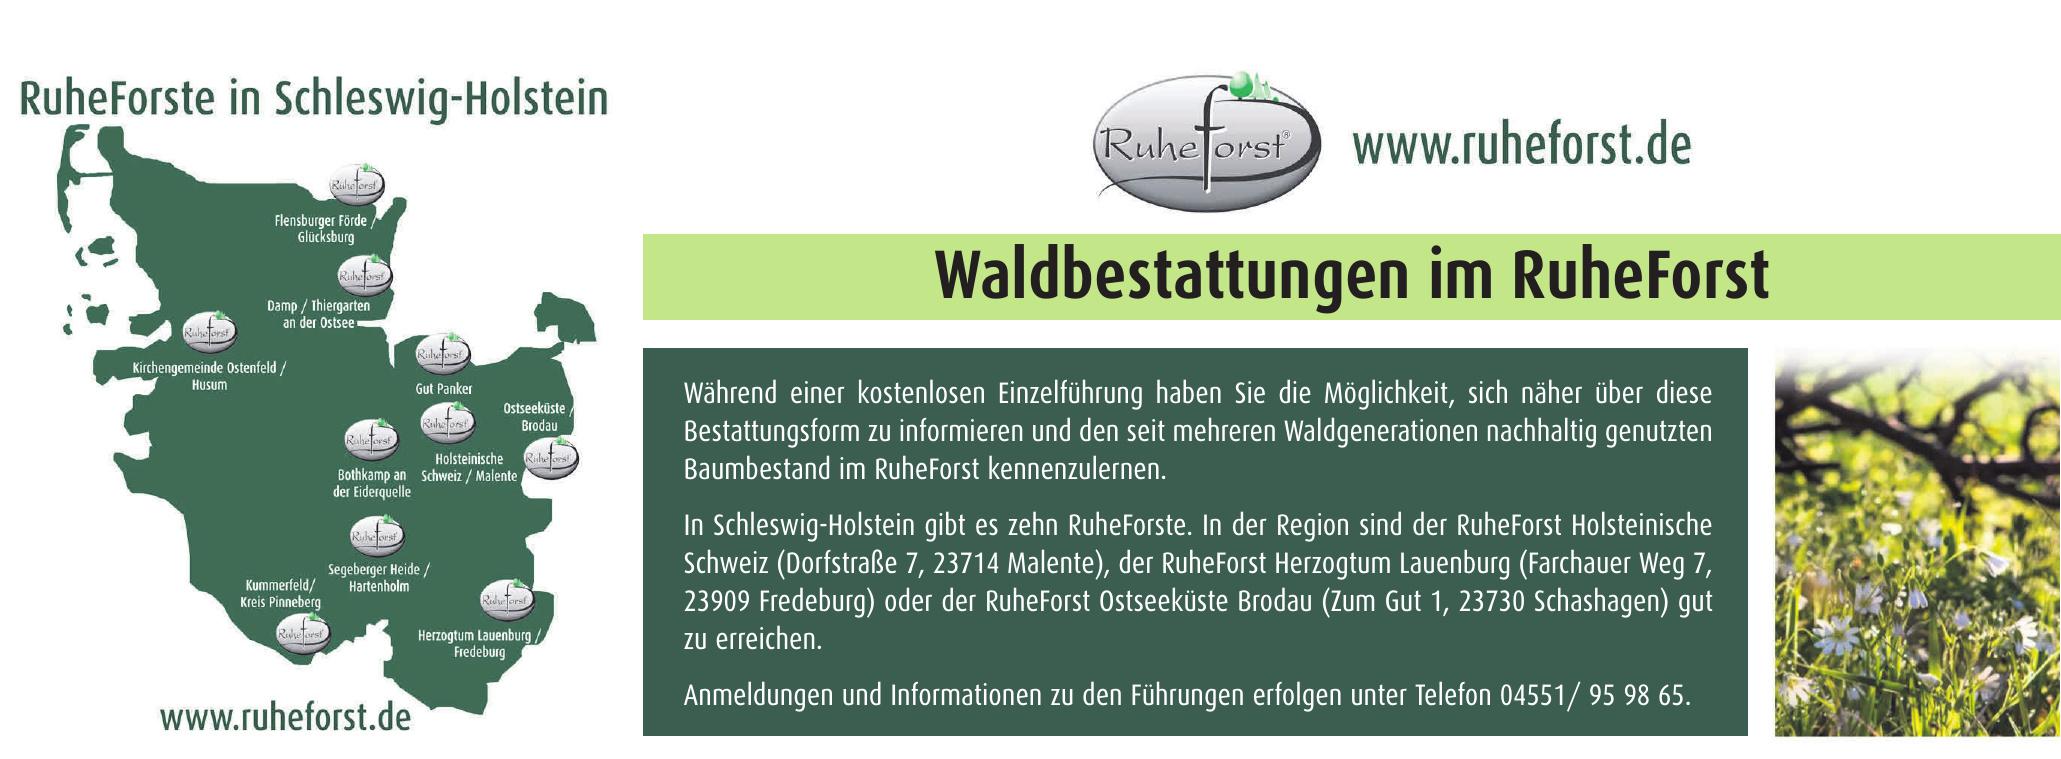 RuheForst Holsteinische Schweiz